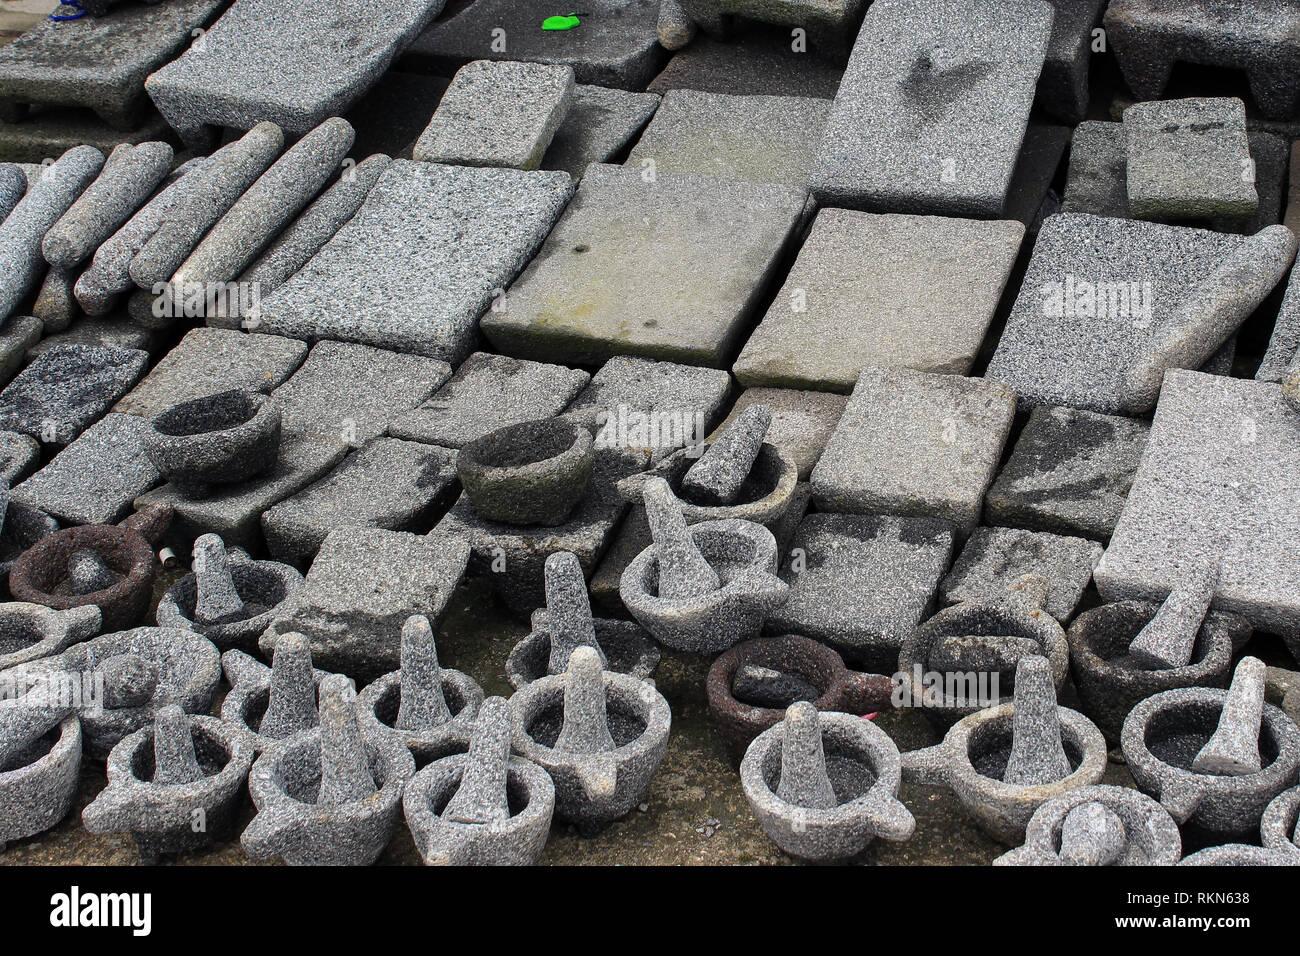 Utensilios de piedra usados actualmente por campesinos en Guatemala y México, utilizados para triturar y moler alimentos - Stock Image